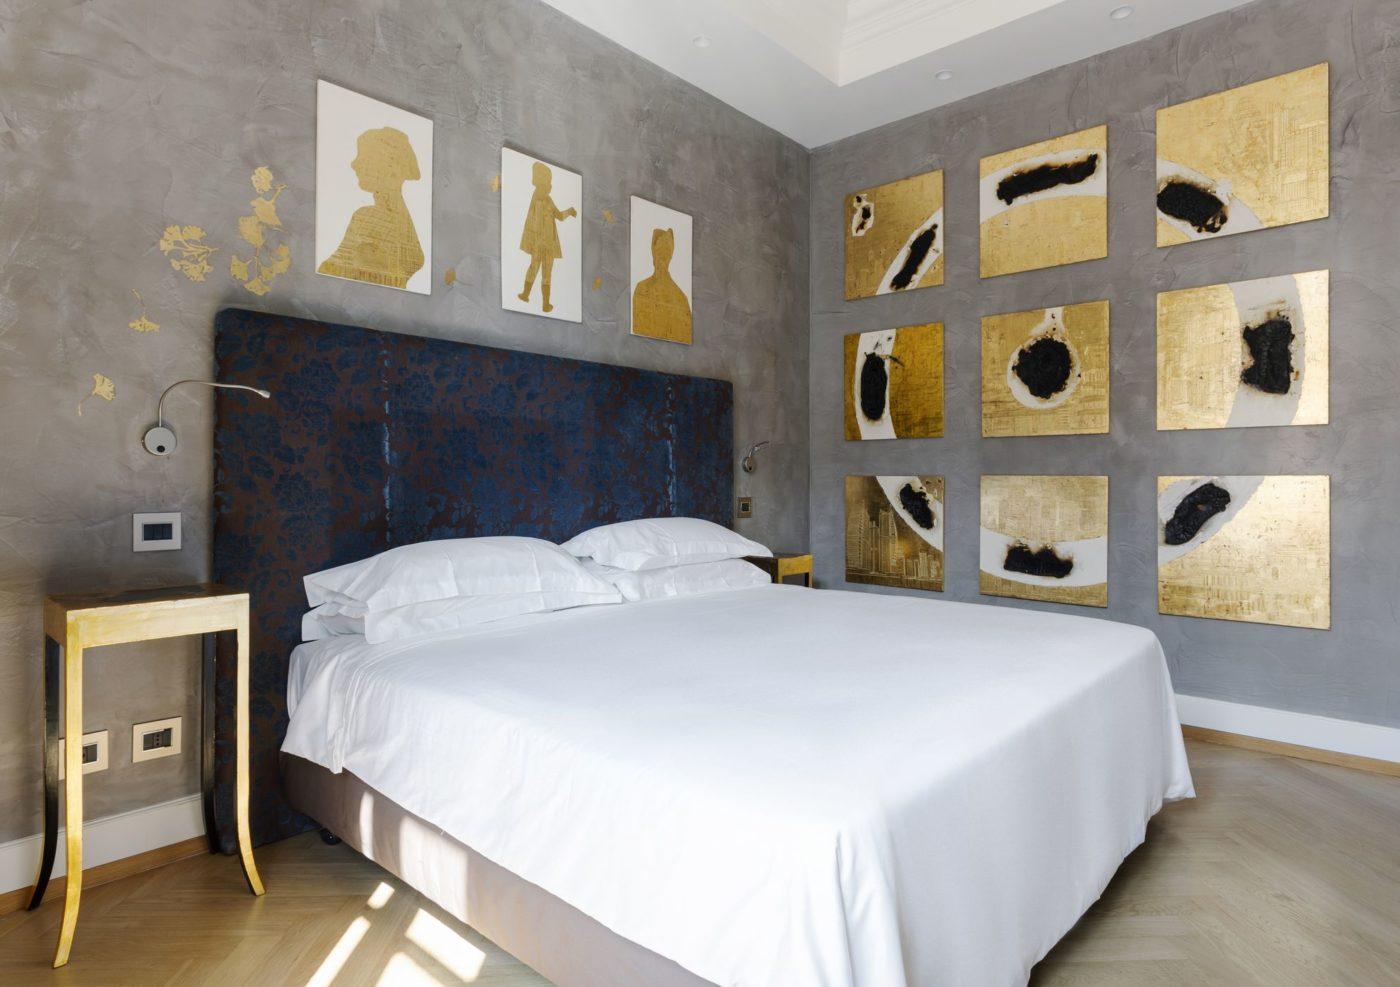 Galleria Vik Milano, hotel e mostra d\'arte contemporanea ...